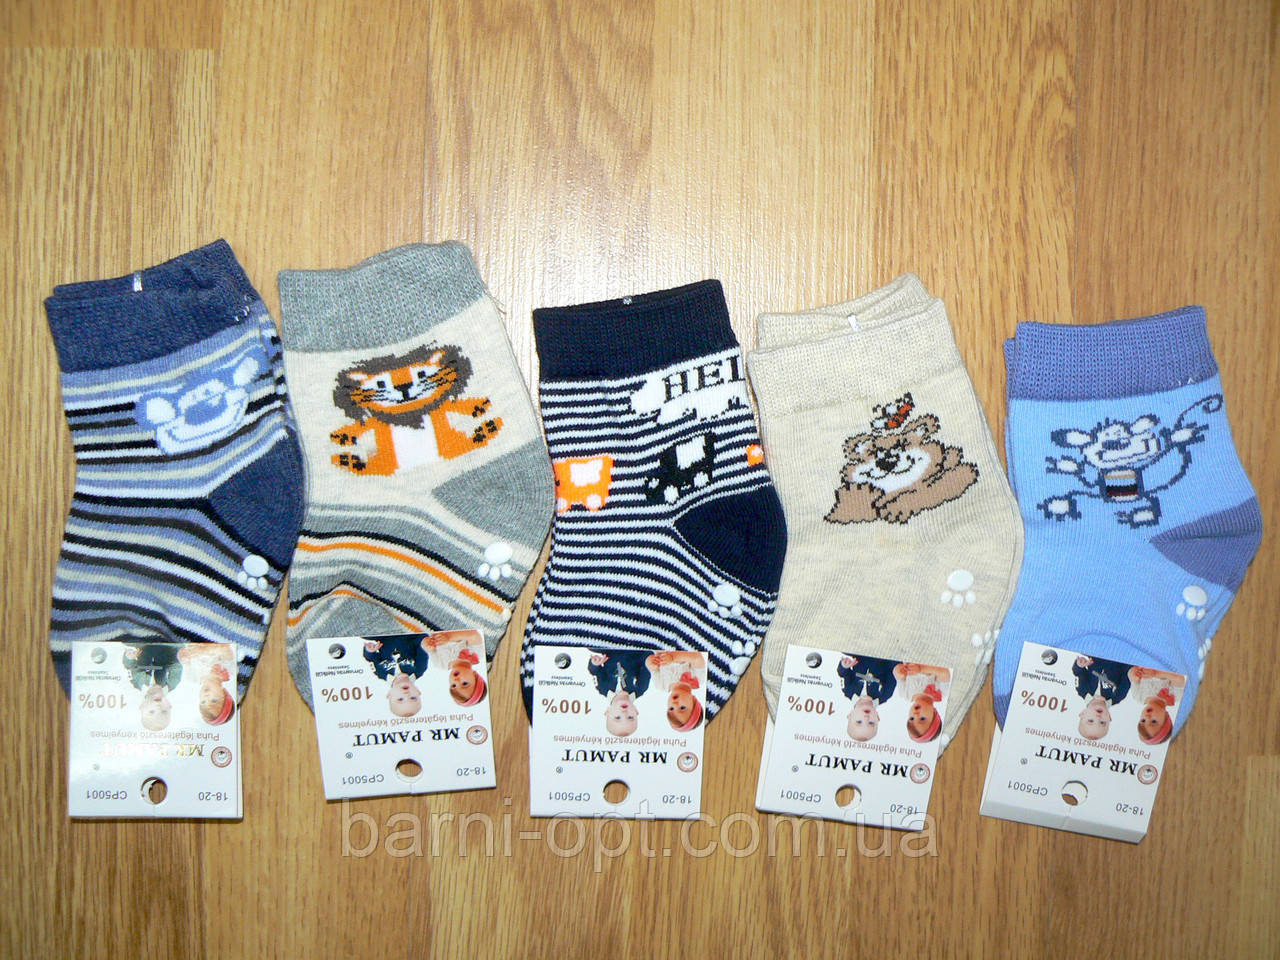 Носки для мальчиков оптом Mr.Pamut оптом 15-20 р